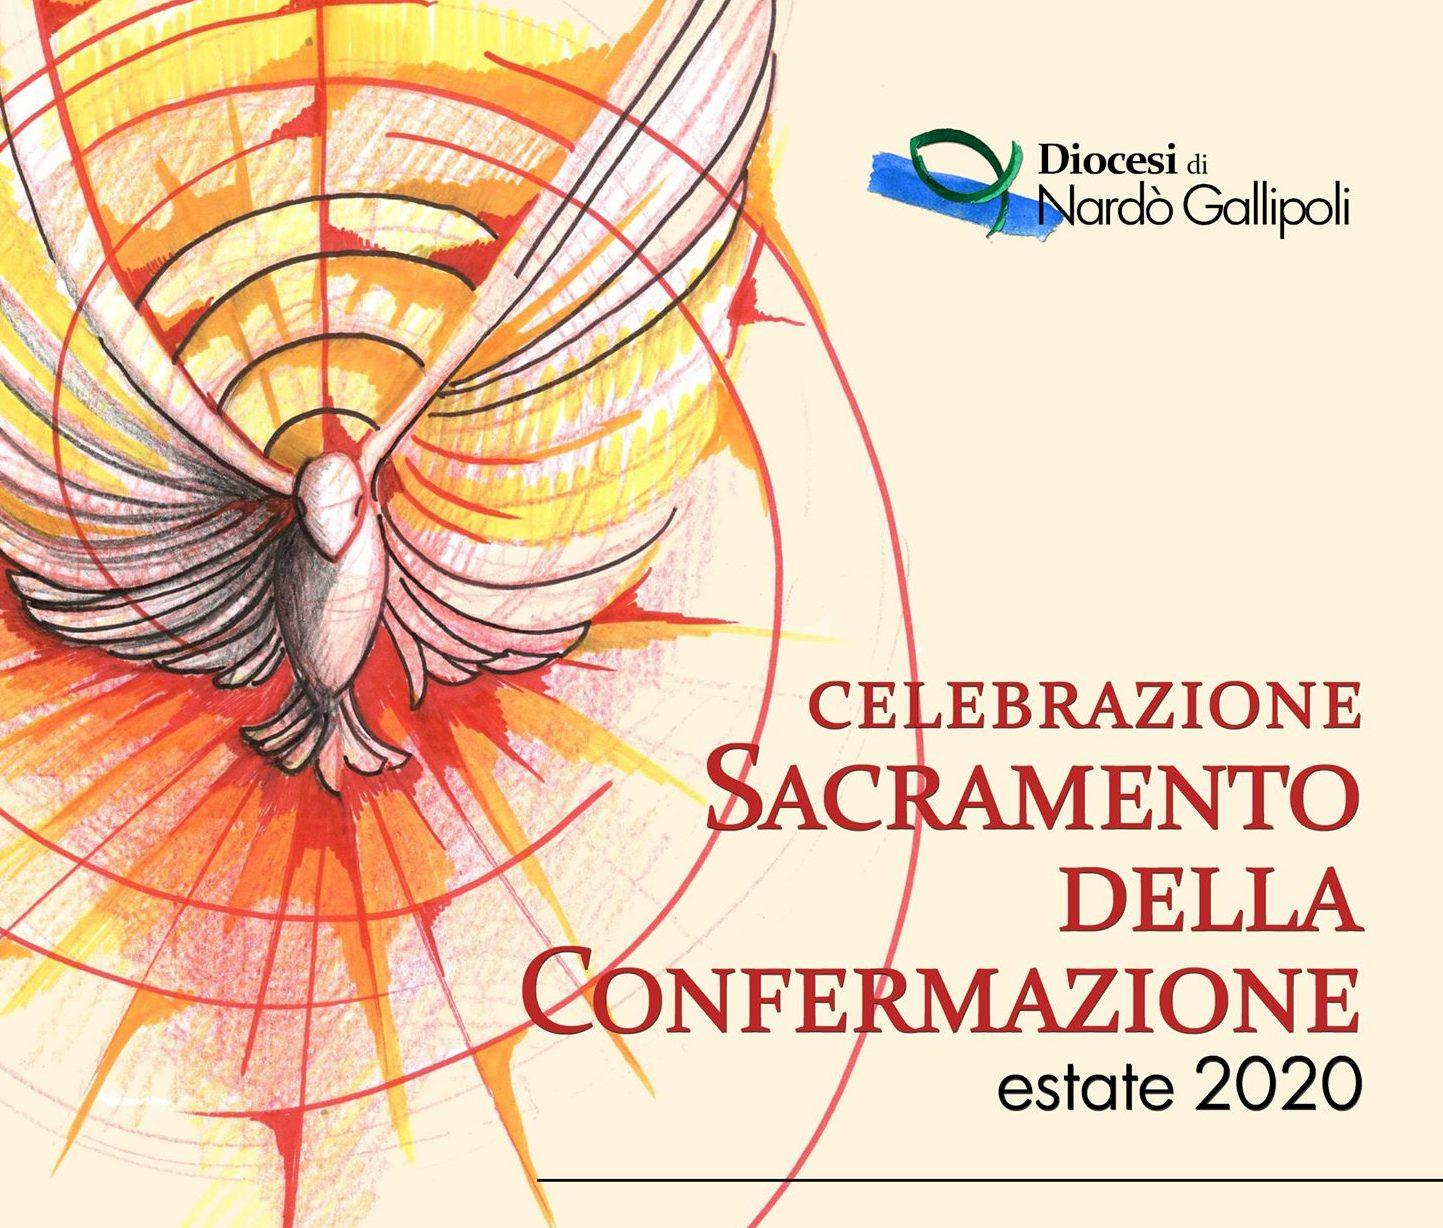 Celebrazione Sacramento della Confermazione – estate 2020